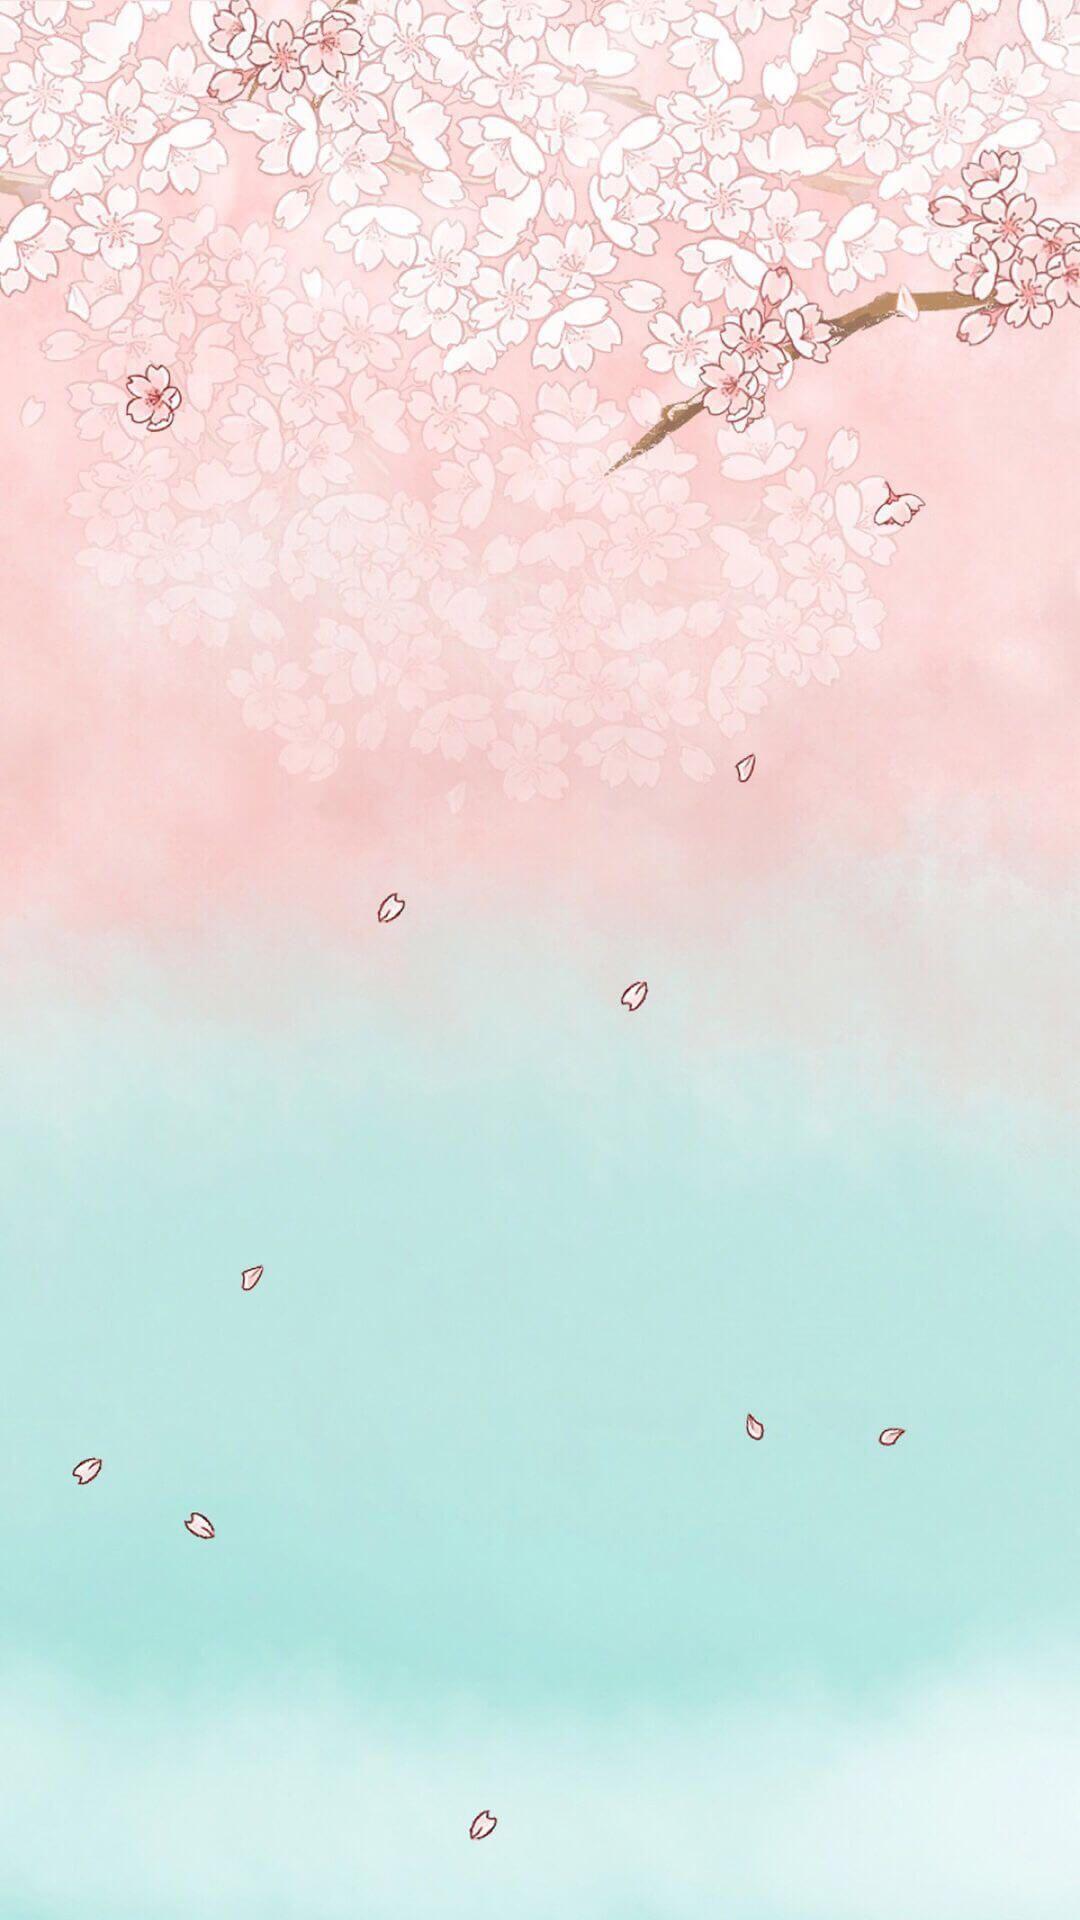 Pin Oleh Yunita Rahmawati Di Wallpapers Fotografi Abstrak Wallpaper Pastel Latar Belakang